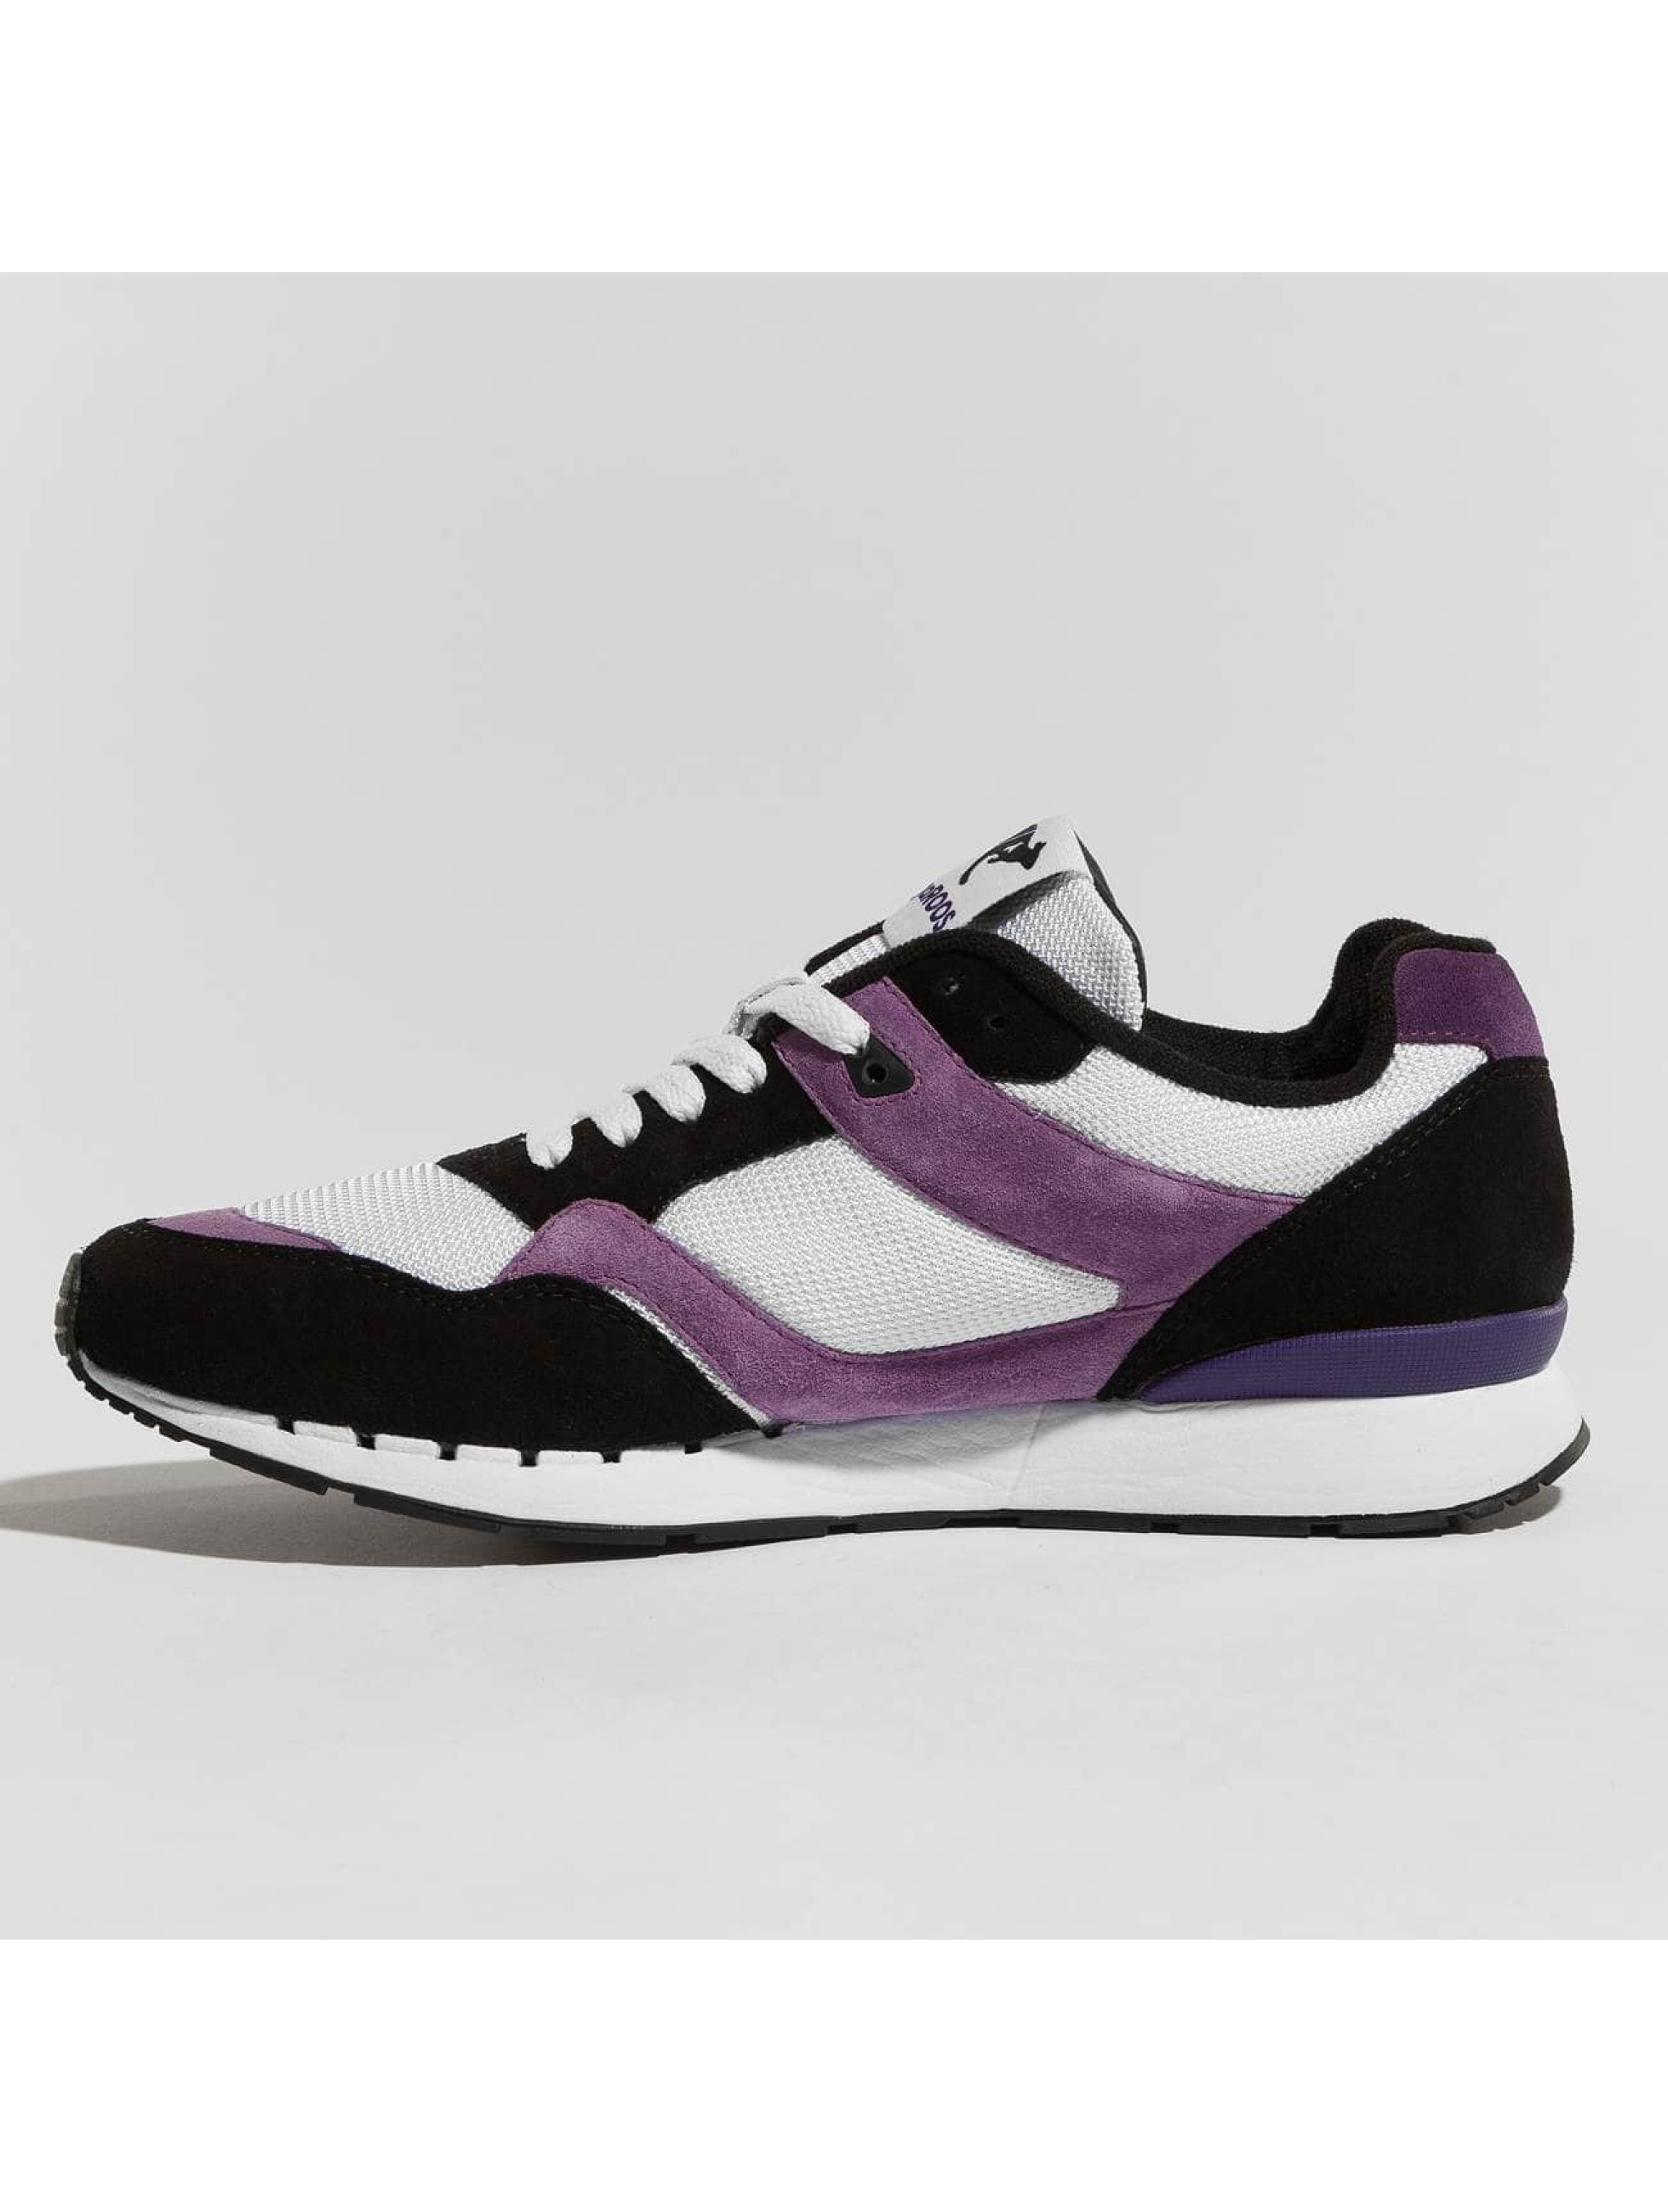 KangaROOS Sneakers Racer MIG black